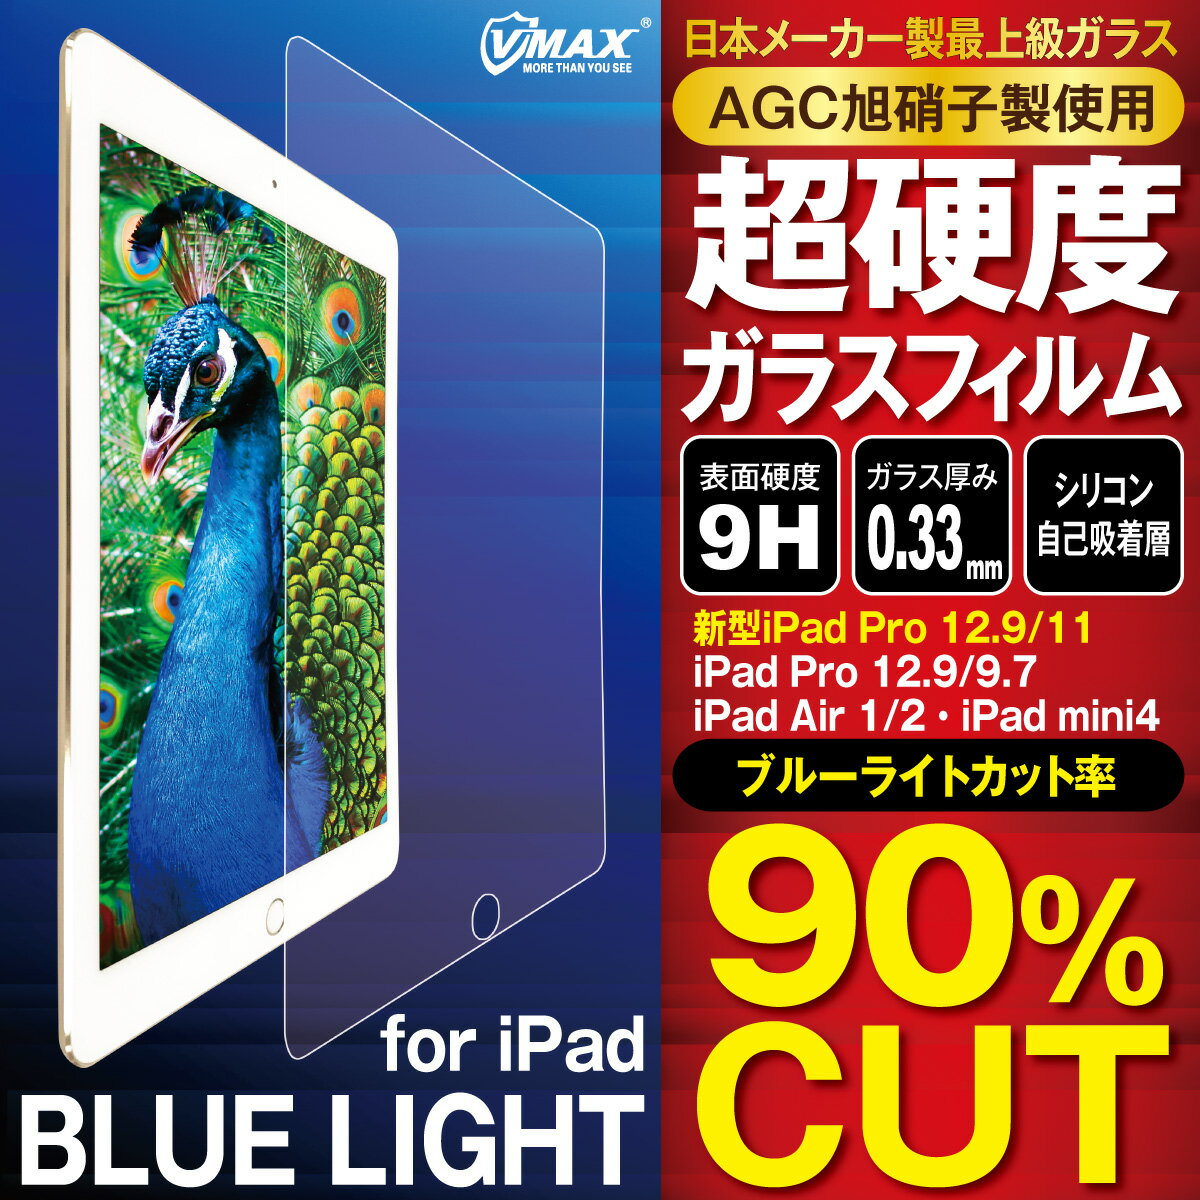 送料無料 ipad 保護フィルム ブルーライトカット フィルム ガラスフィルム ブルーライト 強化ガラス iPad Pro 12.9 iPad Pro 9.7 iPad Air 1/2 iPad mini4 強化ガラスフィルム hogo-blue-ipad 発送はメール便